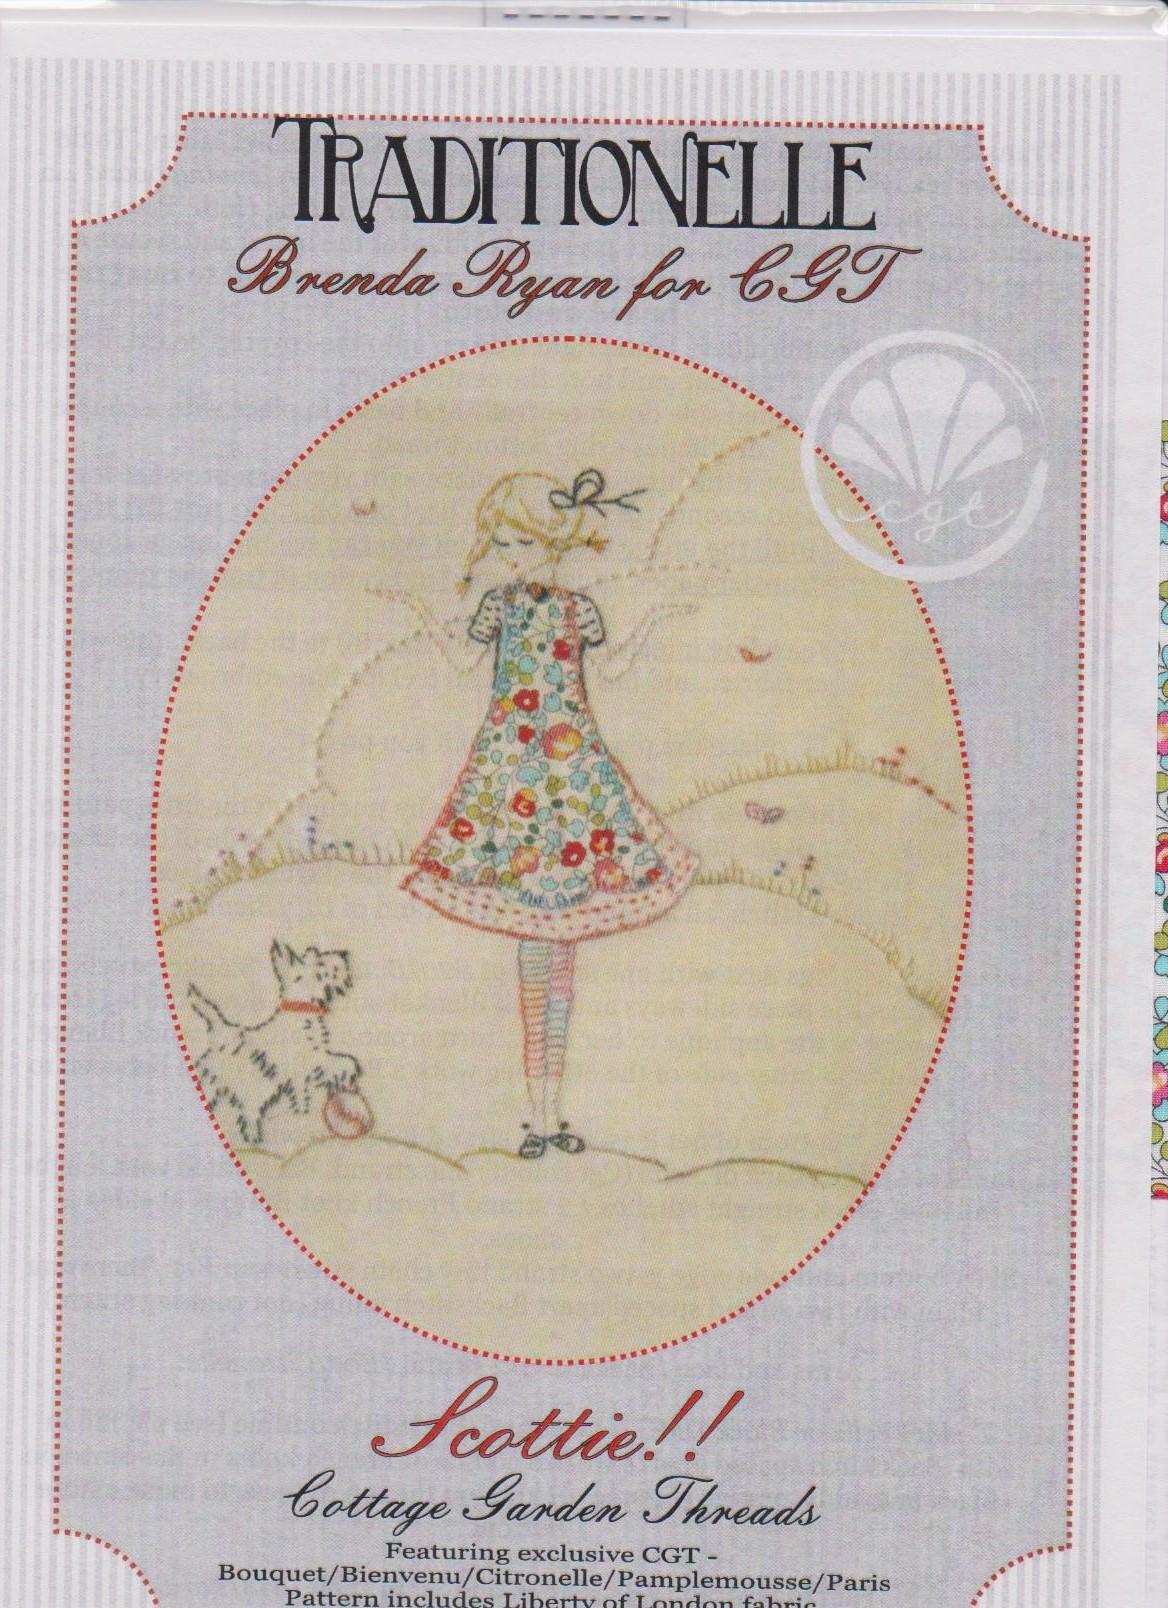 Scottie Embroidery pattern by Brenda Ryan for Cottage Garden Threads